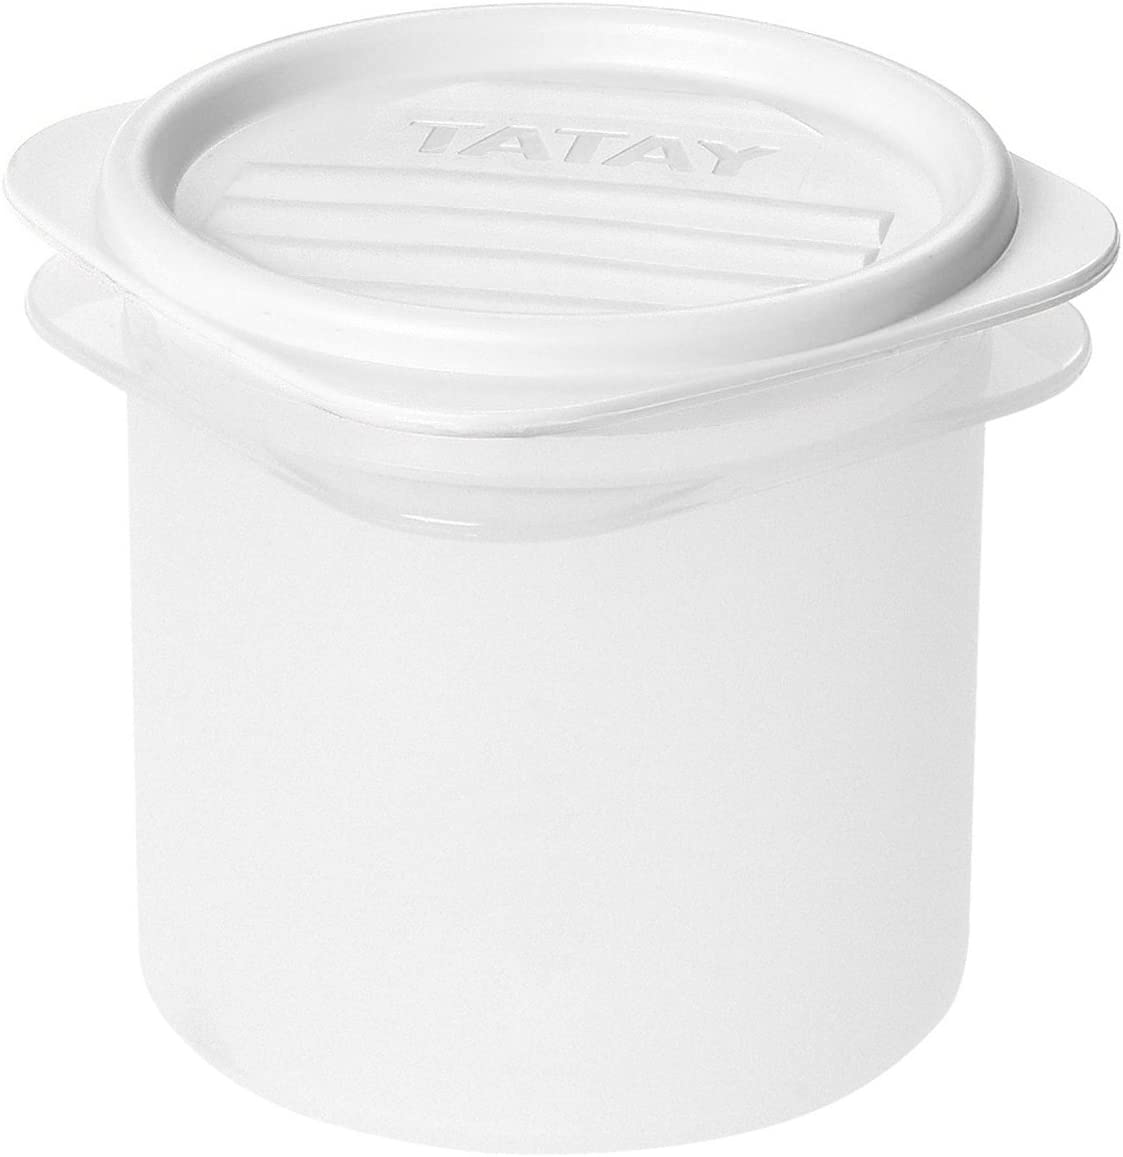 Tatay Fiambrera de Alimentos, Hermética, 0.3L de Capacidad, Tapa Flexible a Presión, Libre de BPA, Apto Microondas y Lavavajillas, Color Blanco. Medidas: 8.7 x 8.7 x 8.5 cm